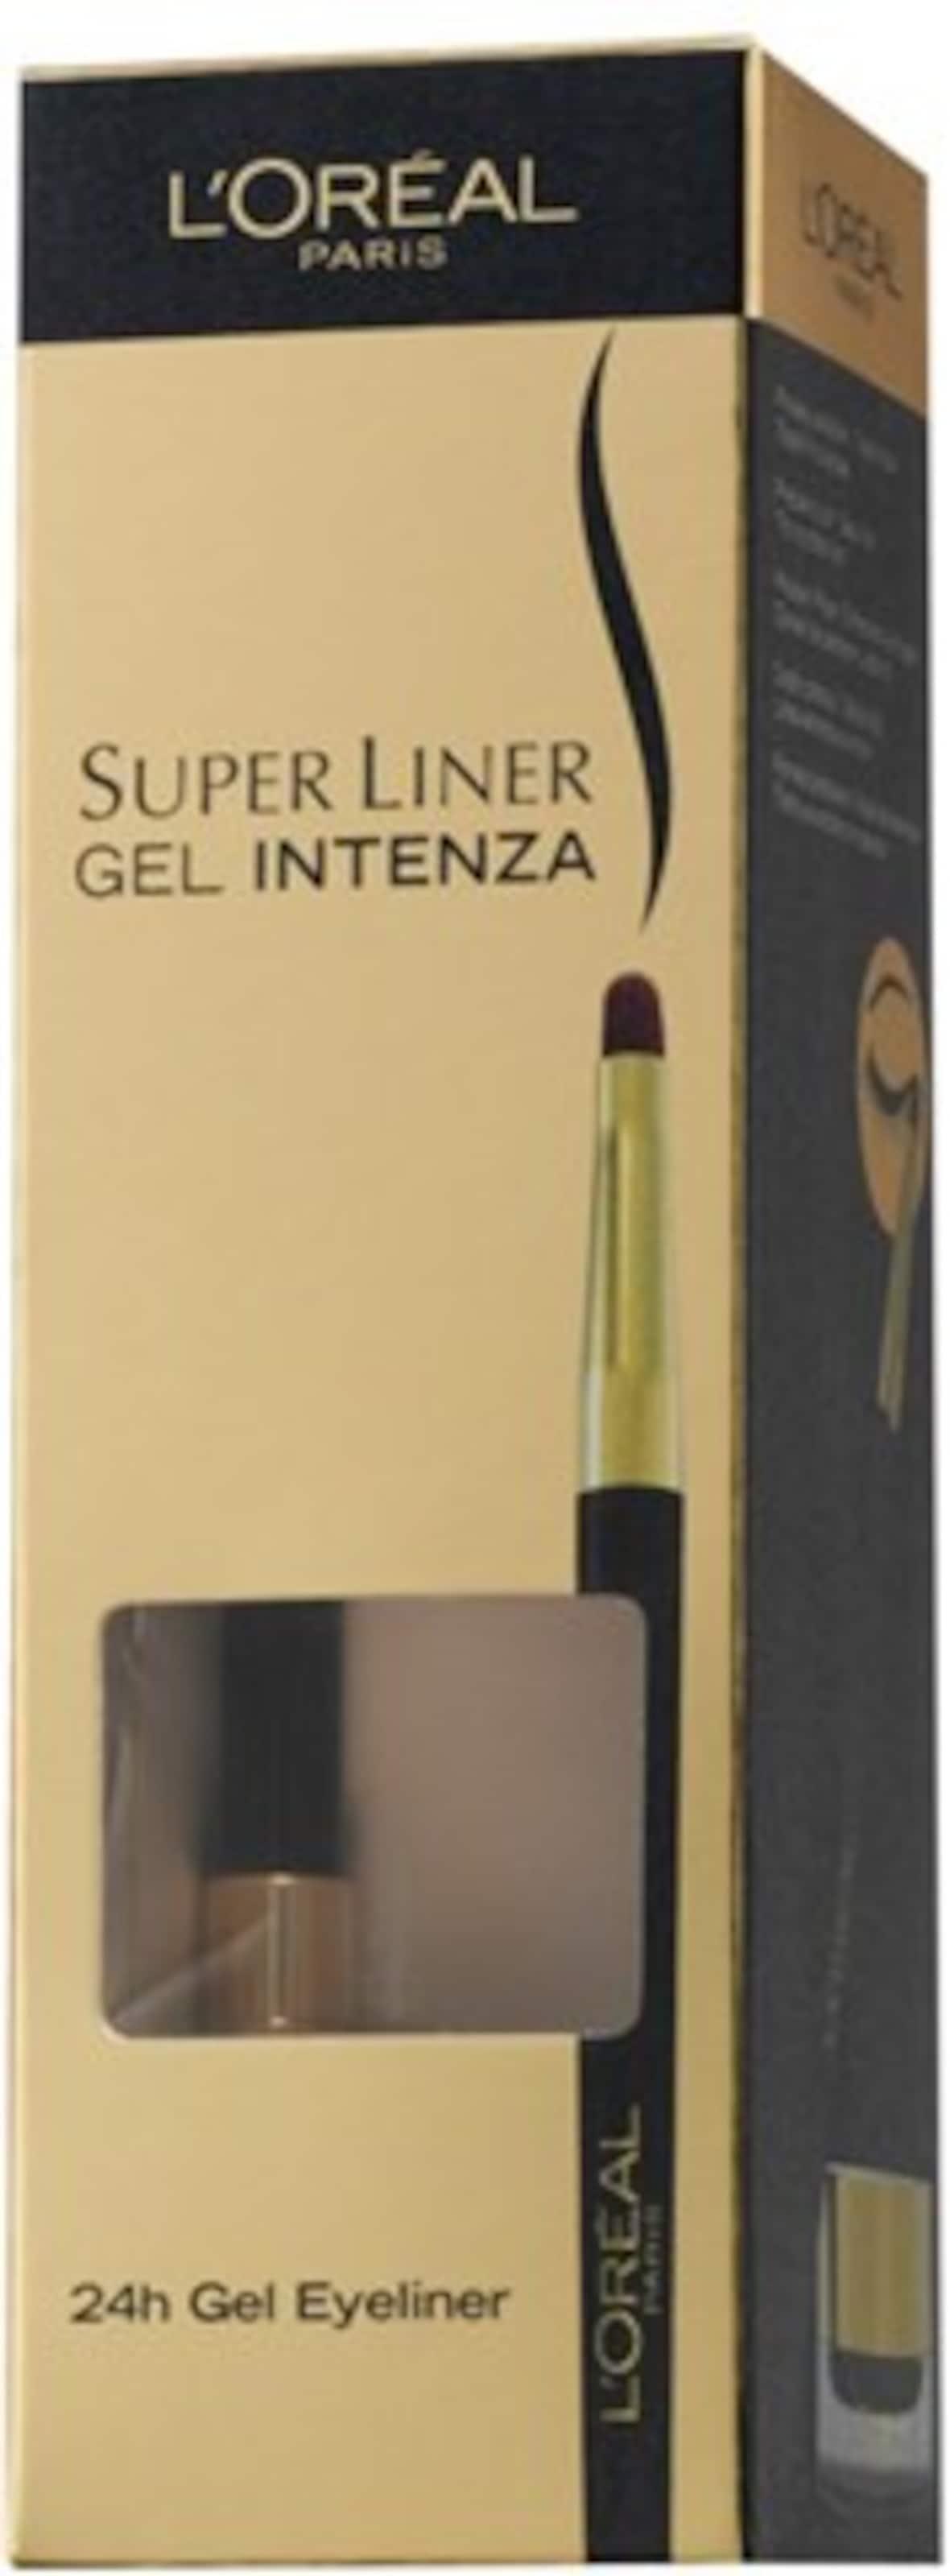 L'Oréal Paris 'Super Liner Gel Intenza', Gel-Eyeliner